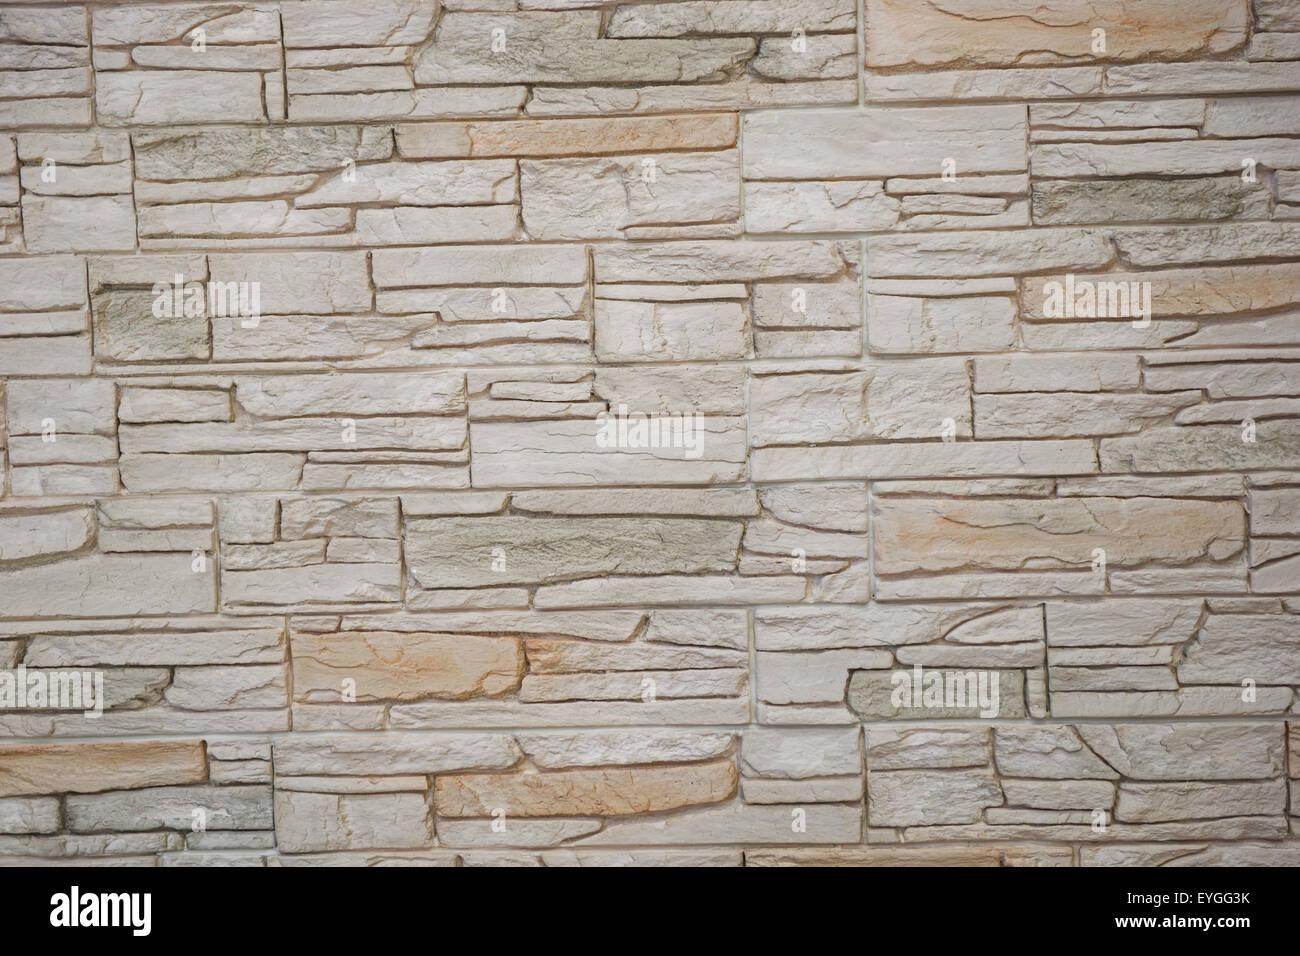 Wand Aus Naturstein. Große Hintergrund Oder Textur